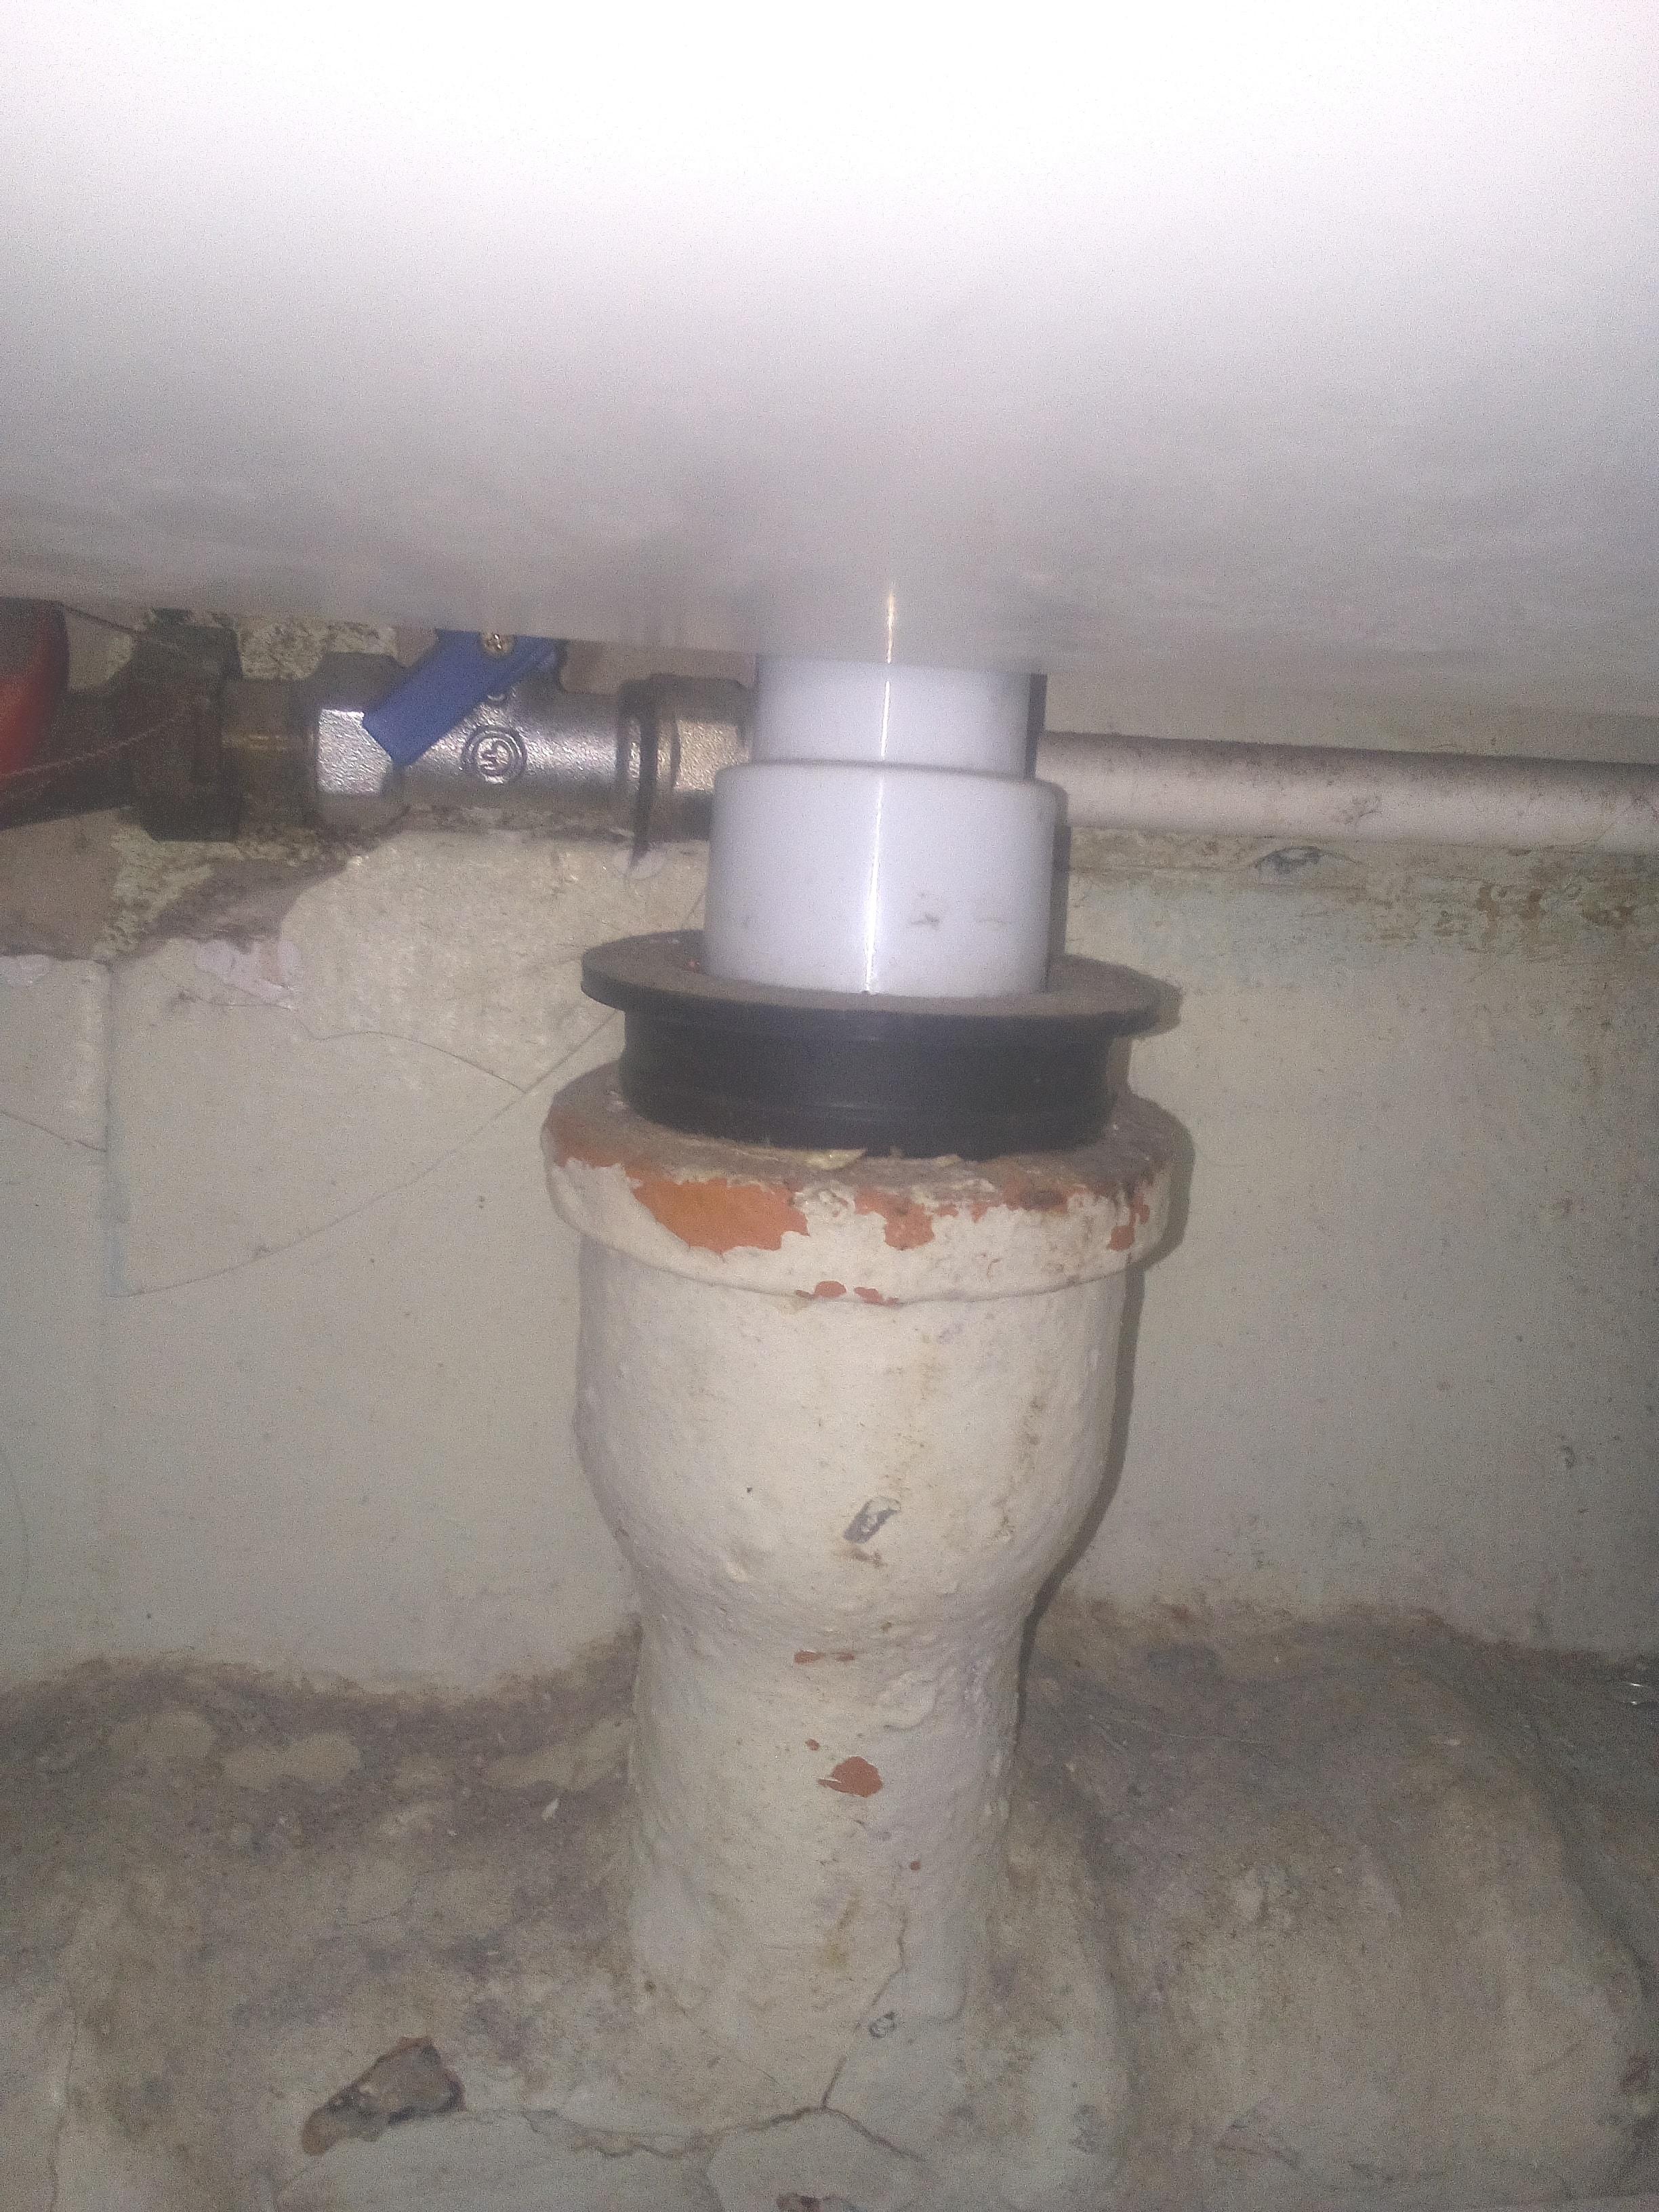 подсоединение-сифона-к-сливной-трубе-канализации.jpg